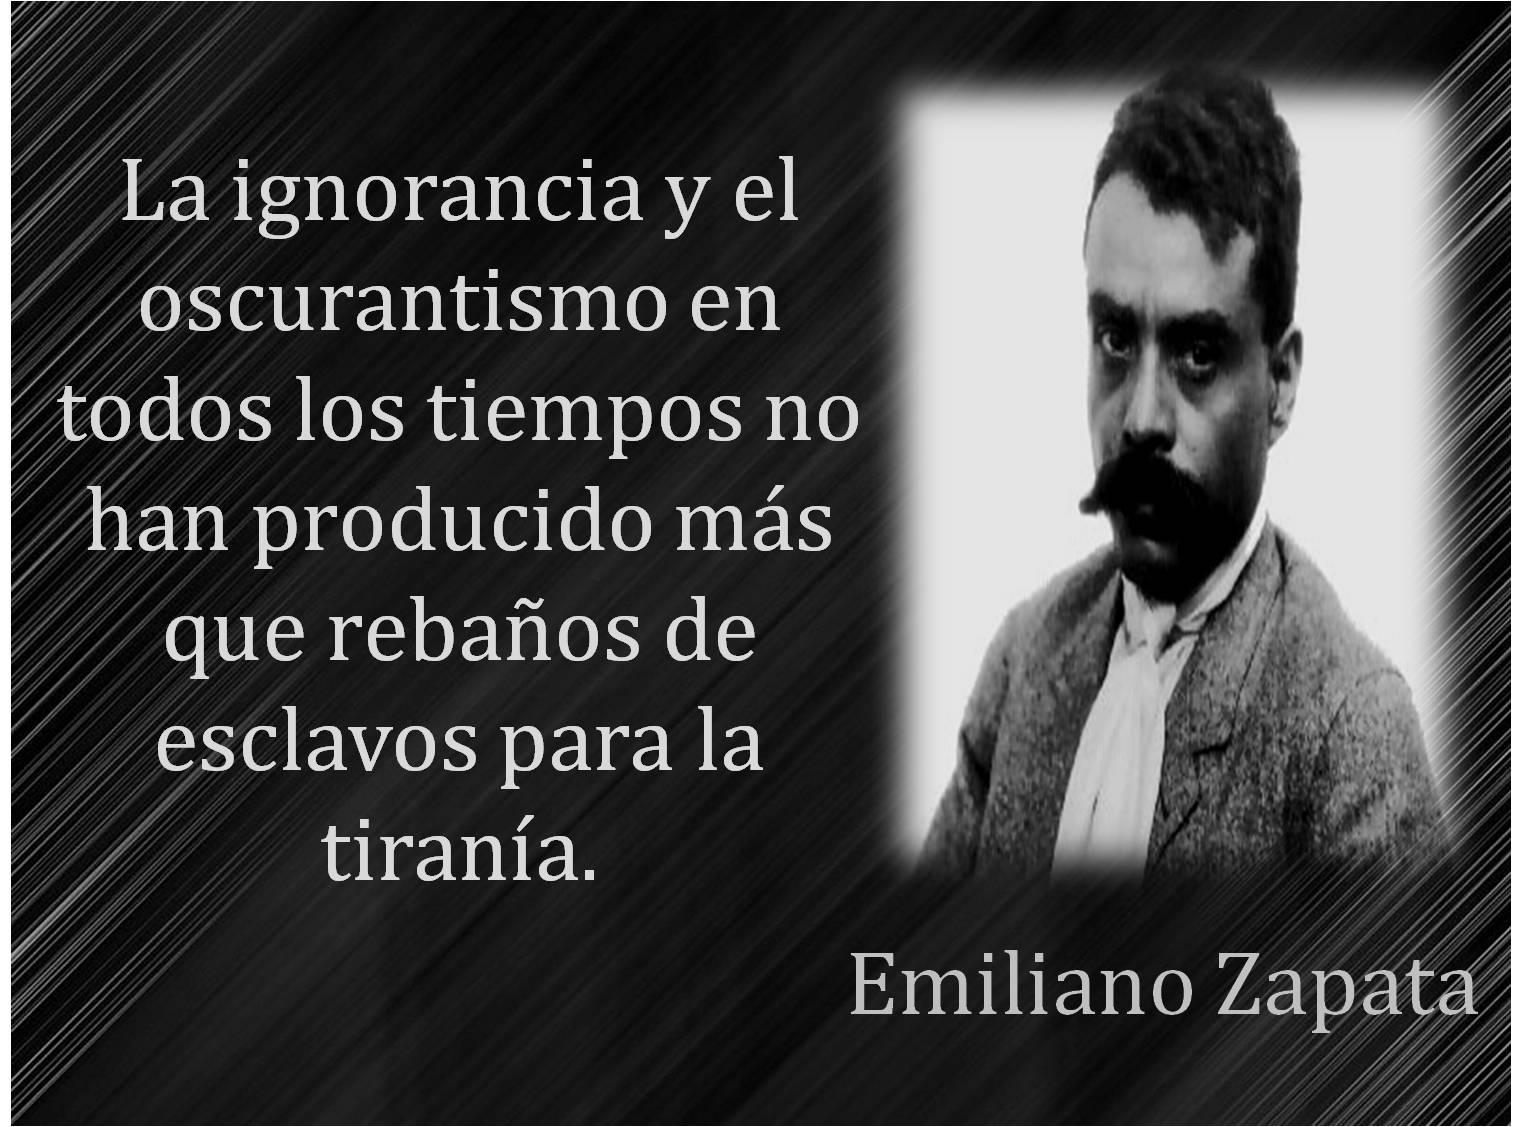 Diálogos con acontecimientos, predicciones, anécdotas y agenda del  año 2015 - Página 3 Emiliano-zapata